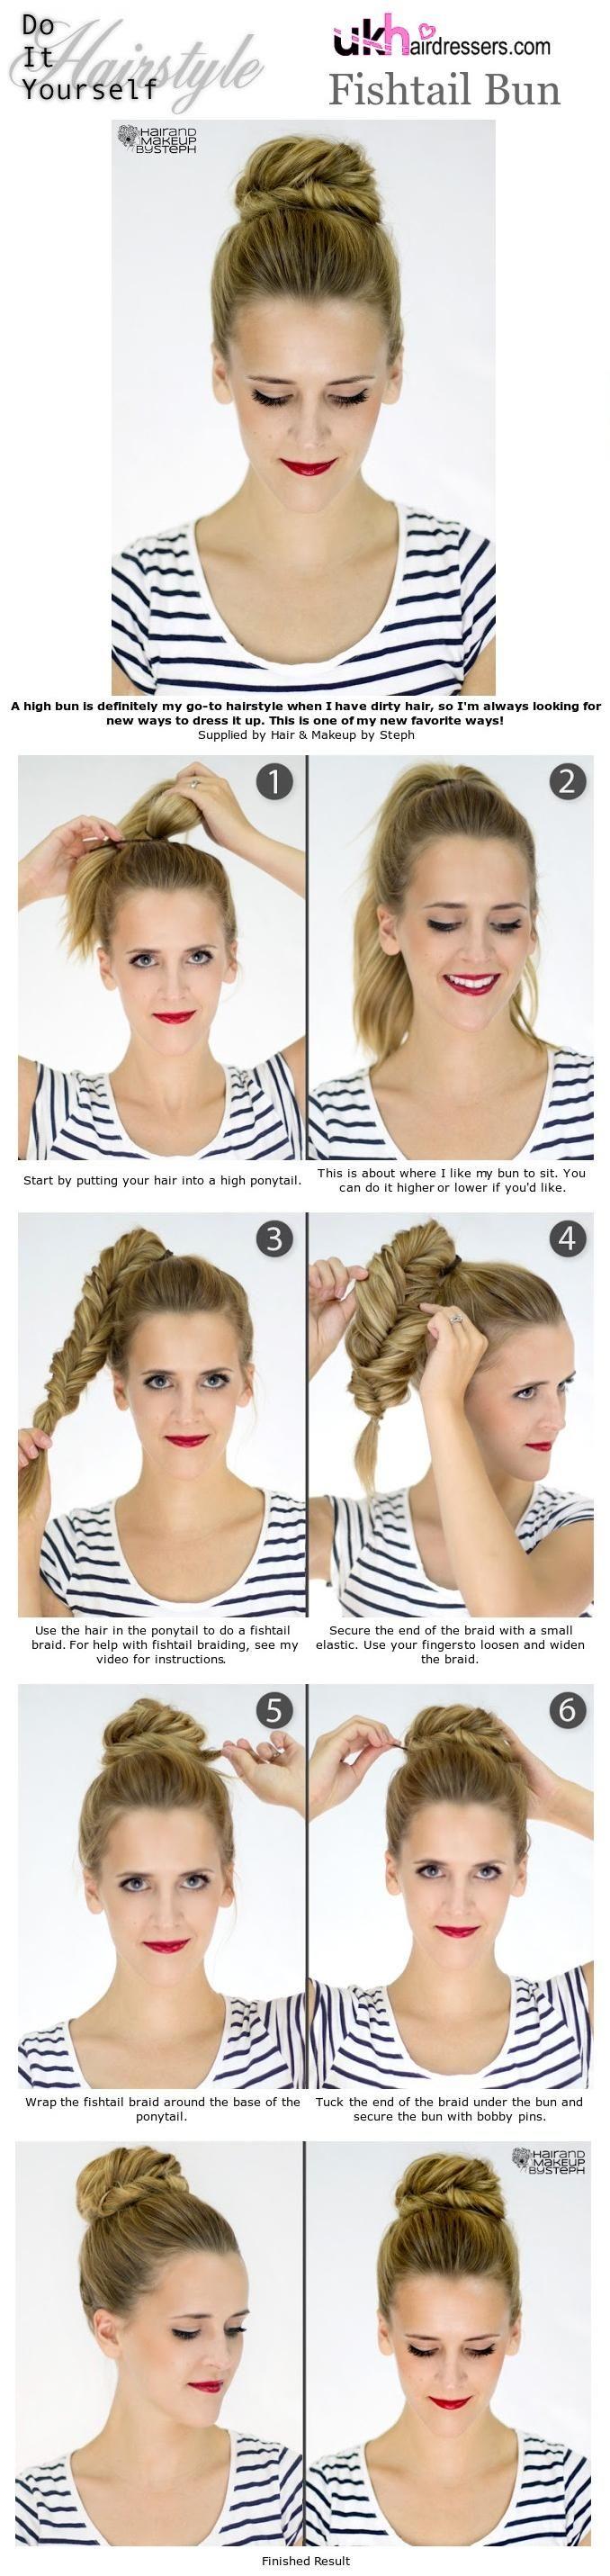 405 best Hair Do images on Pinterest